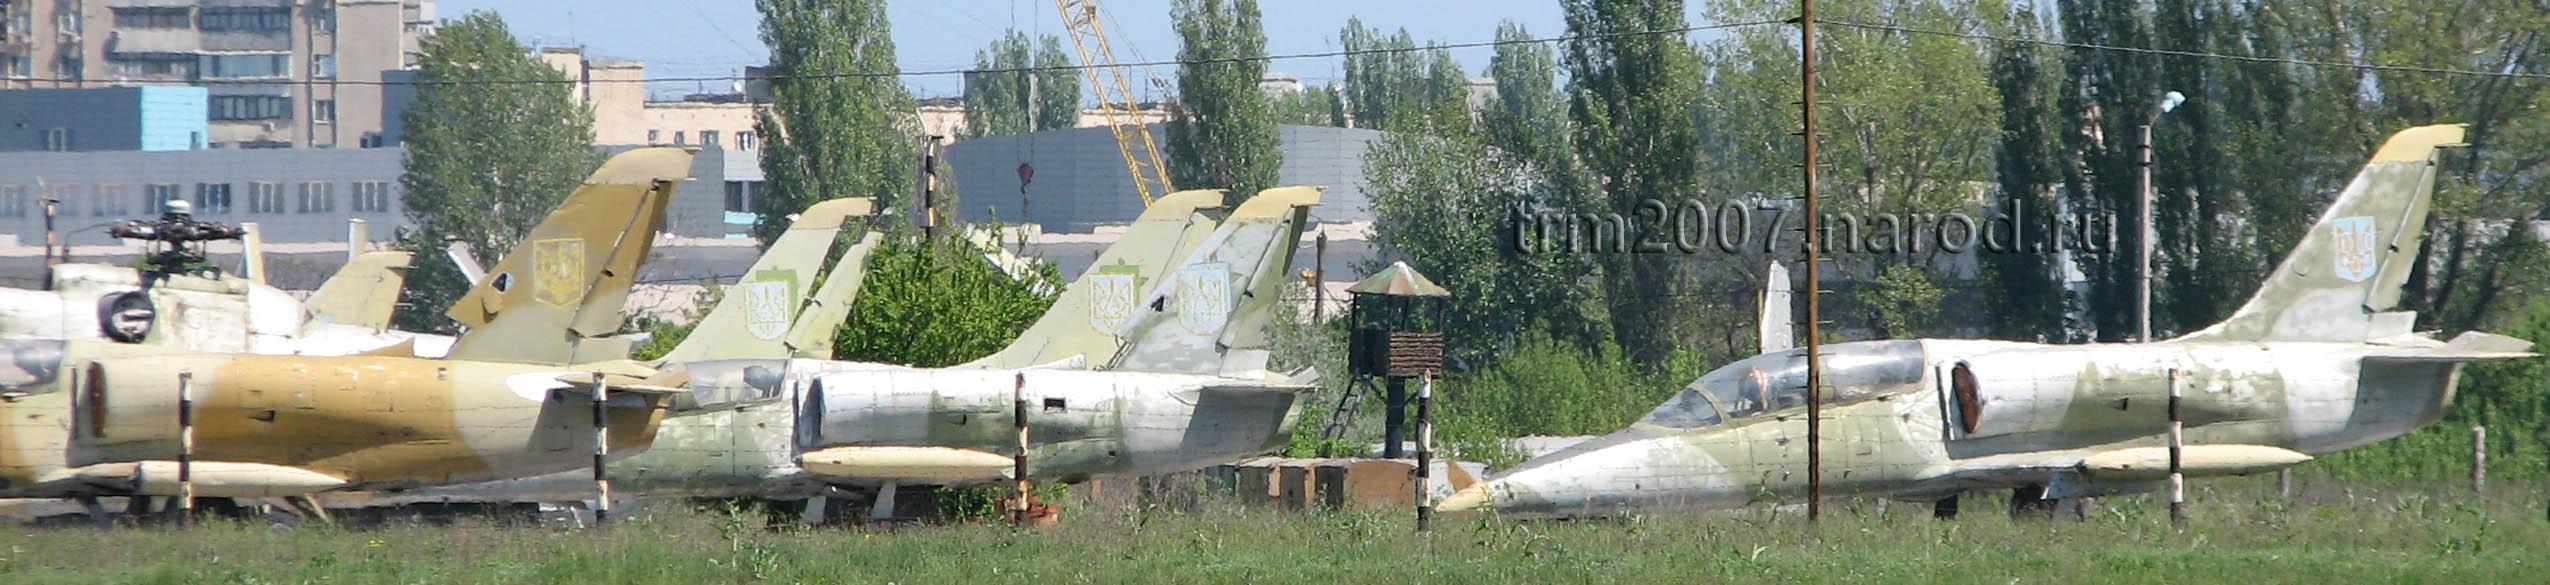 Еще Л-39